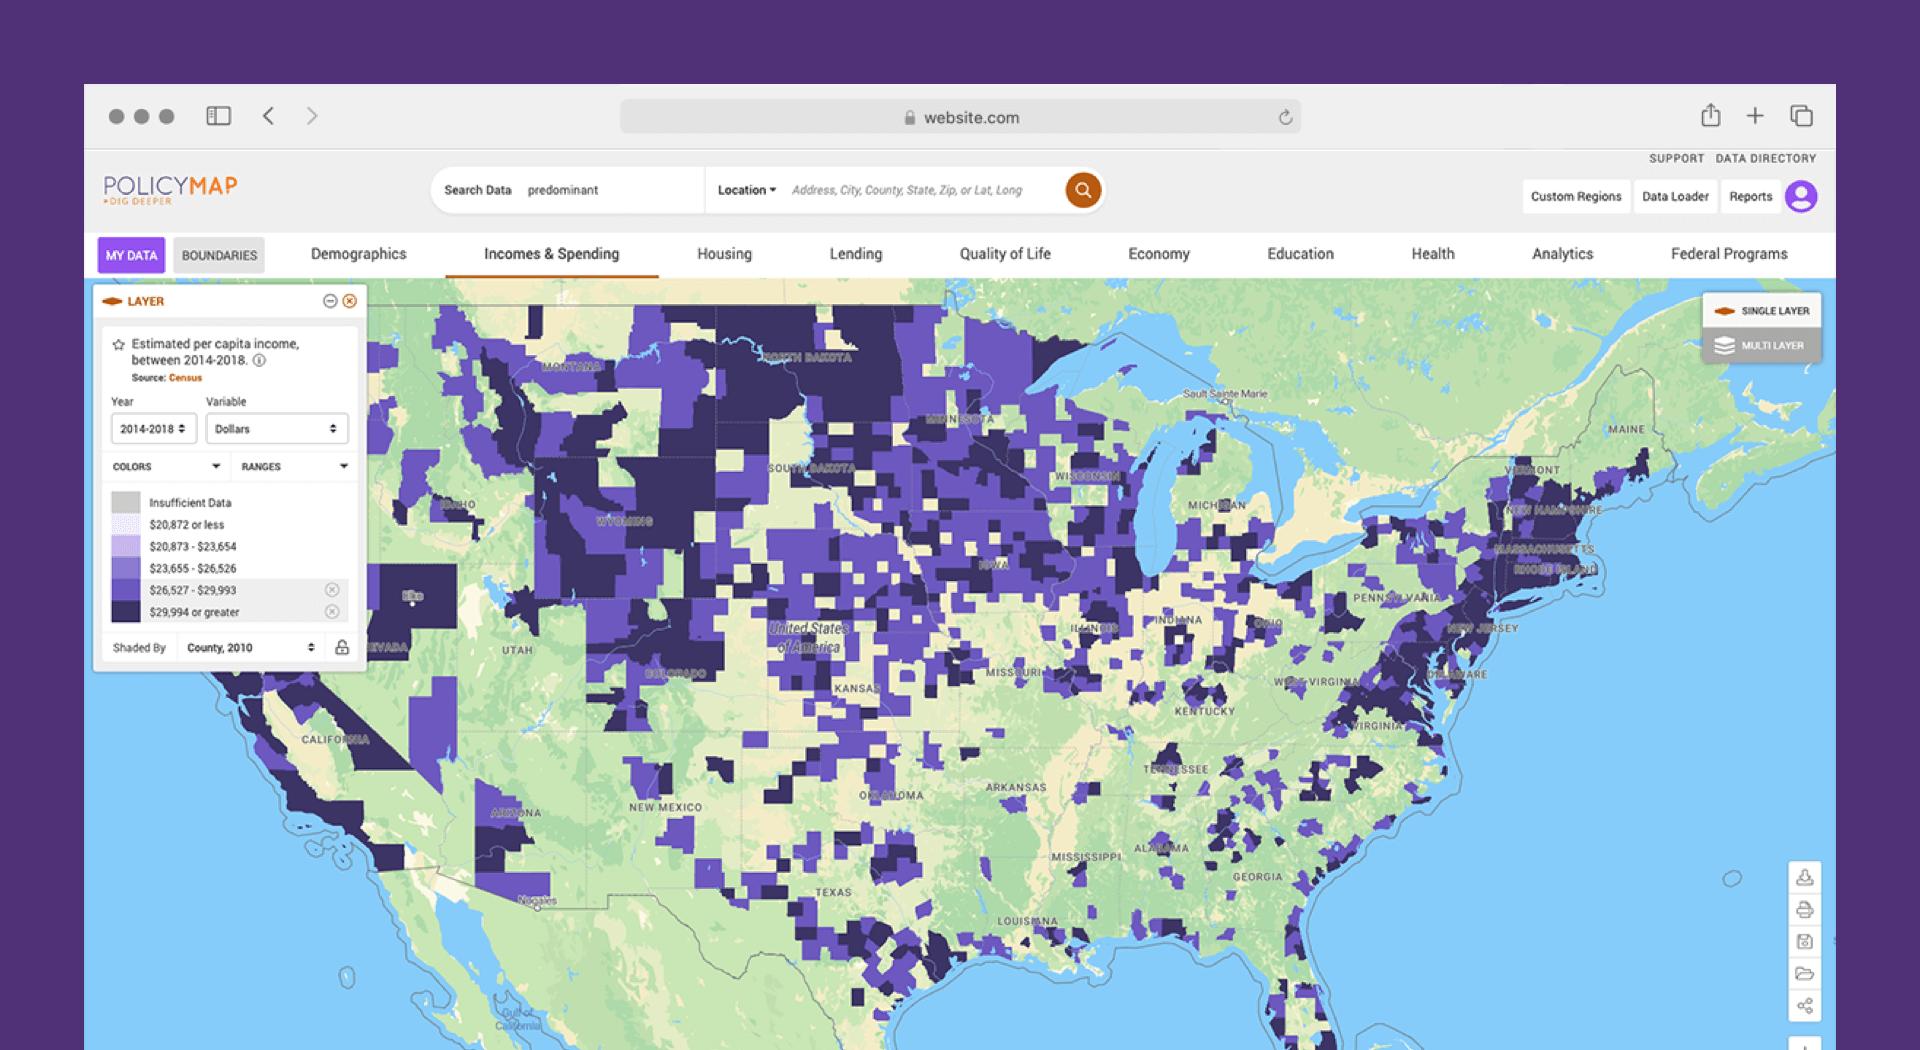 screentshot of interactive map of U.S.